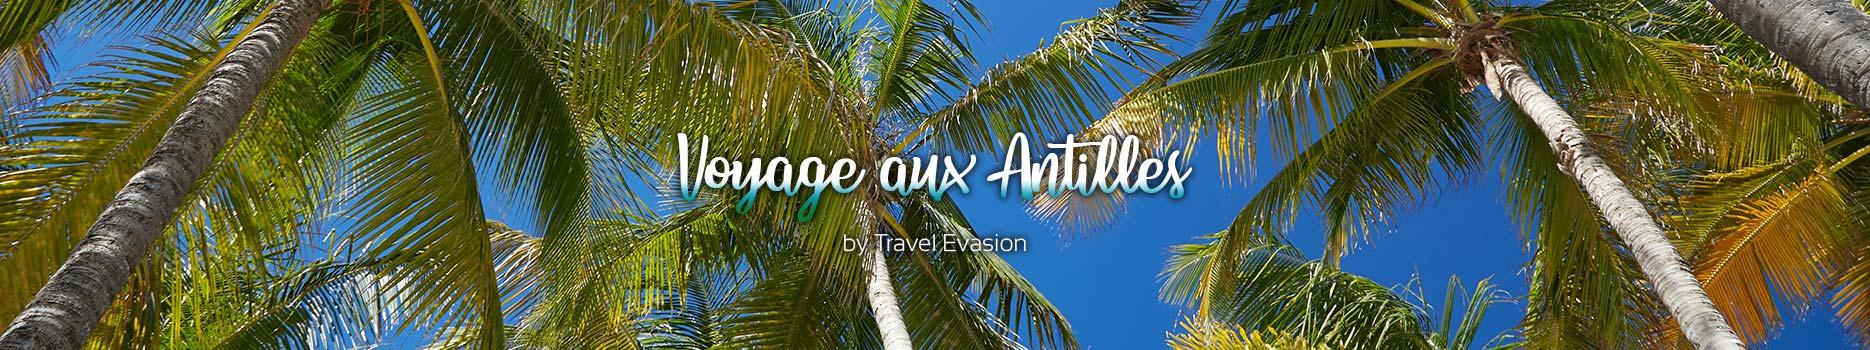 Vacances aux Antilles, un voyage en Guadeloupe ou en Martinique génial.